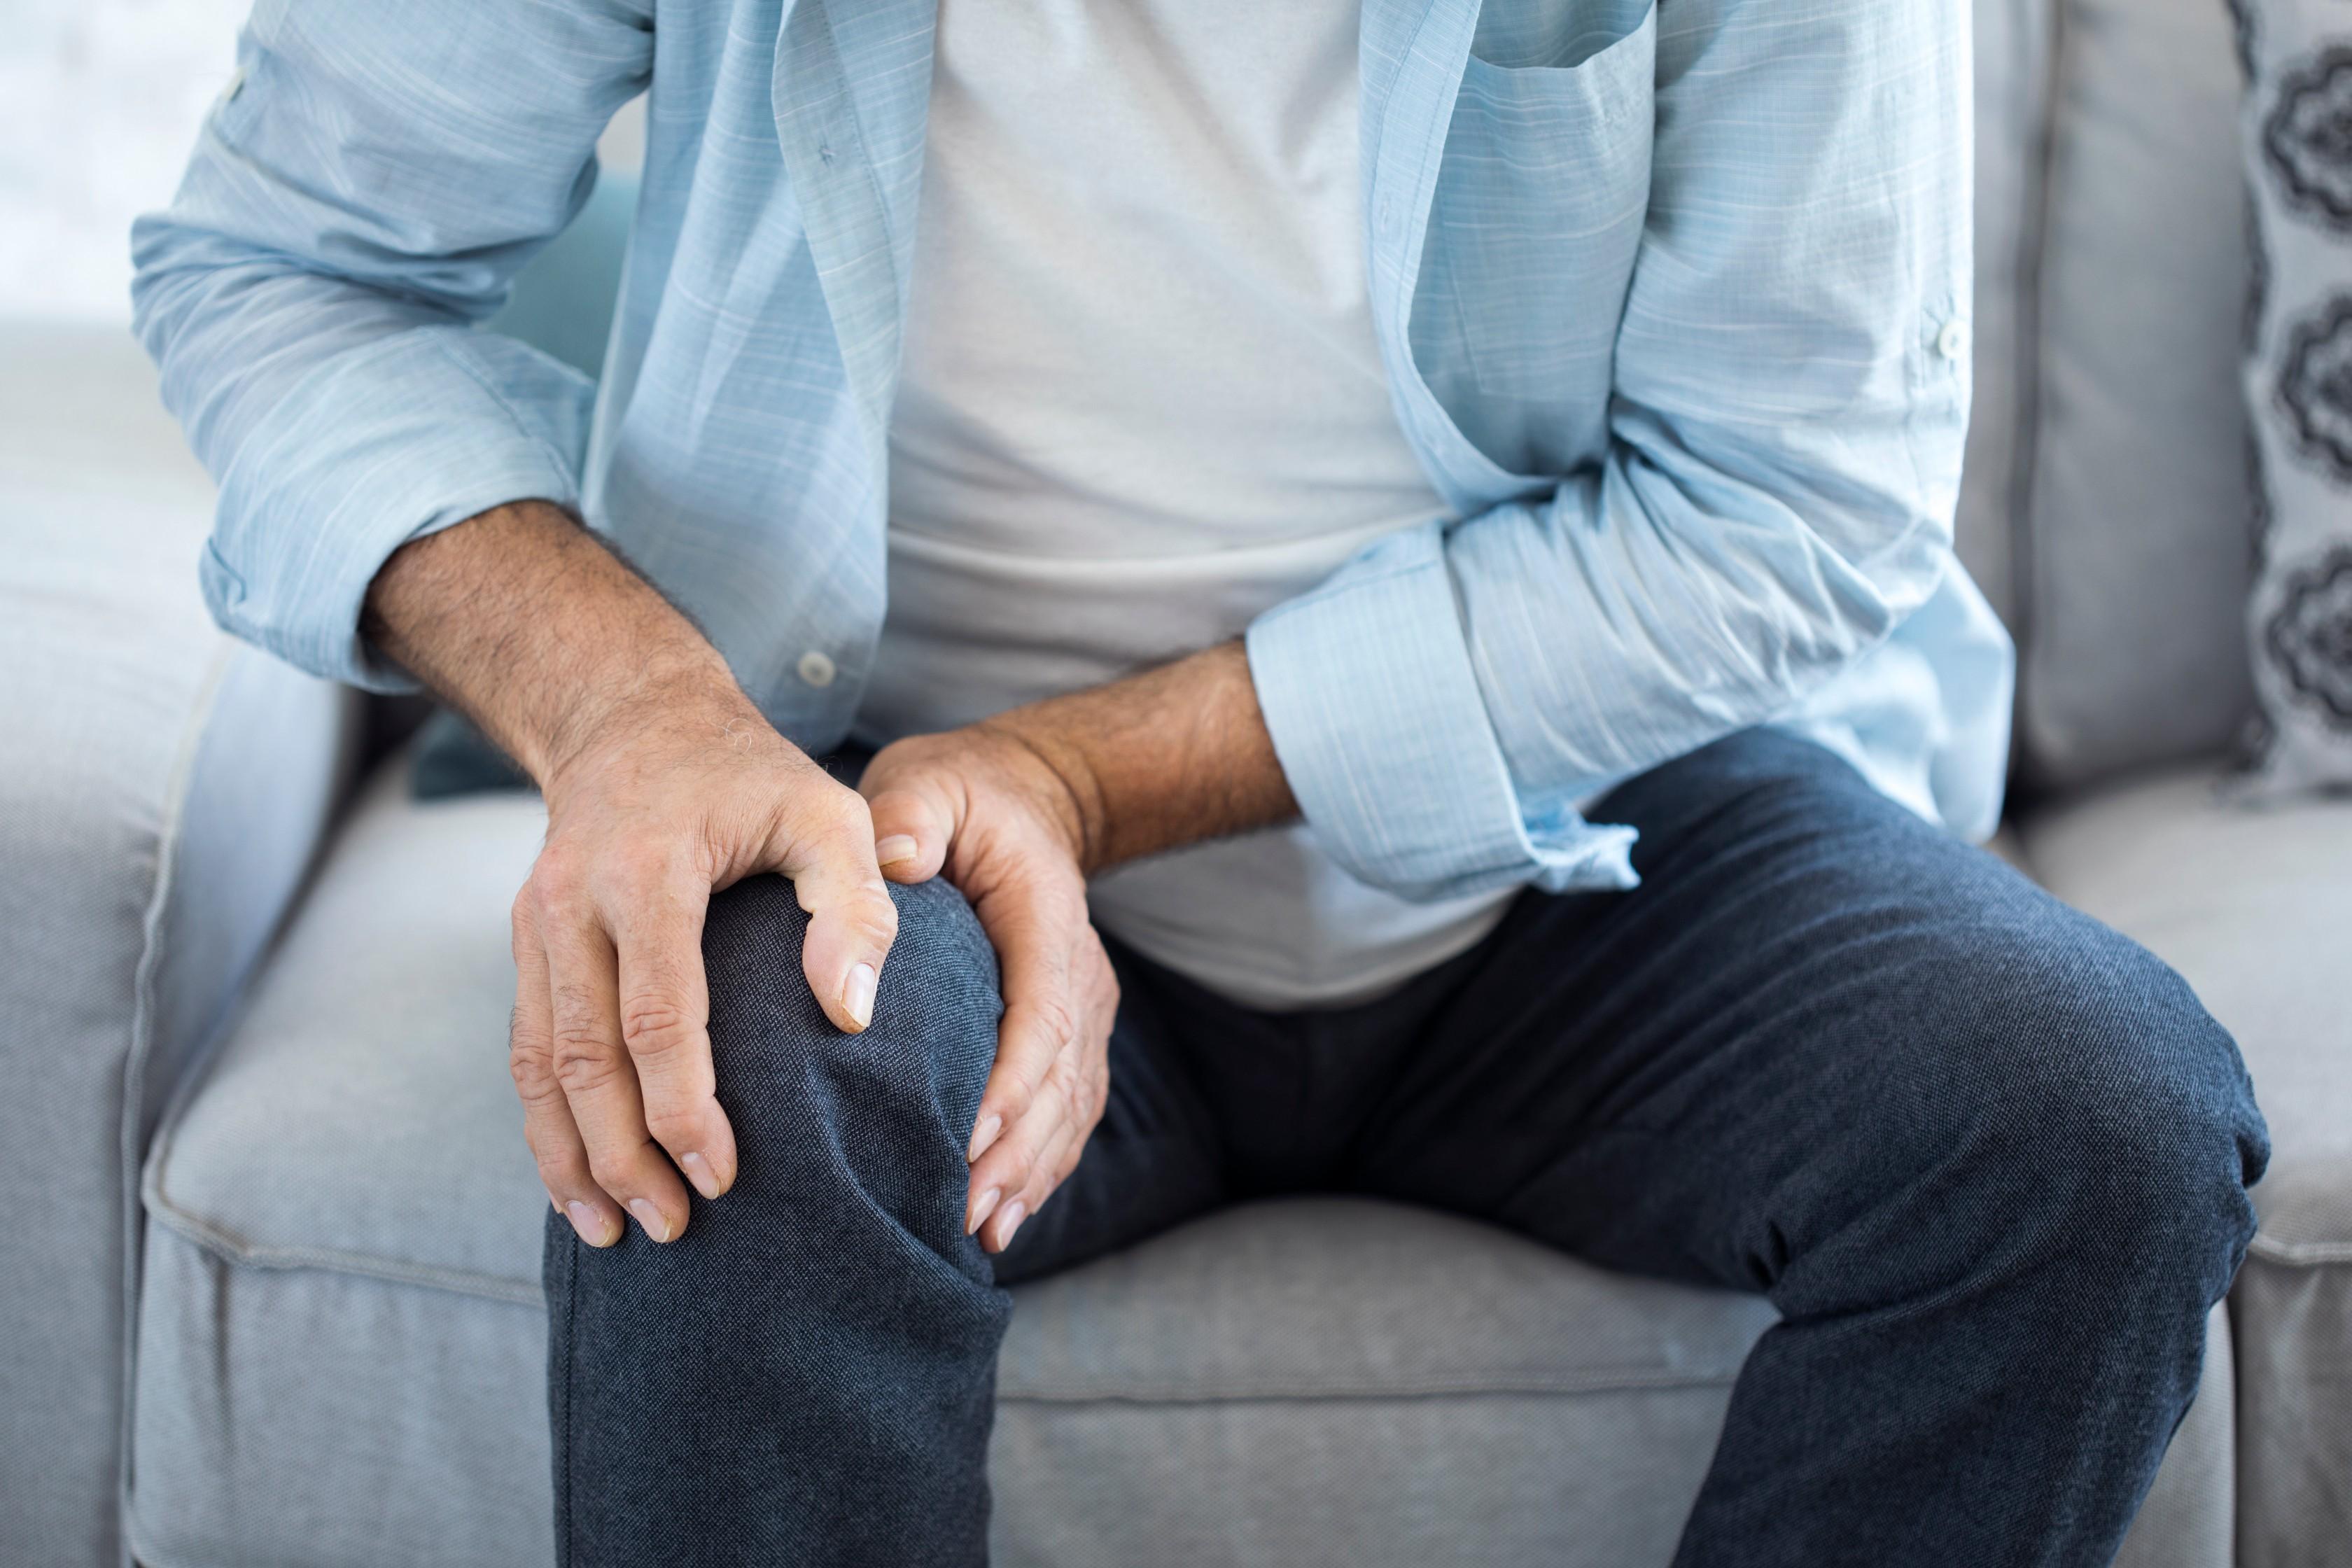 nehézség és fájdalom a térdben gyógyszerek ízületi mozgékonysághoz